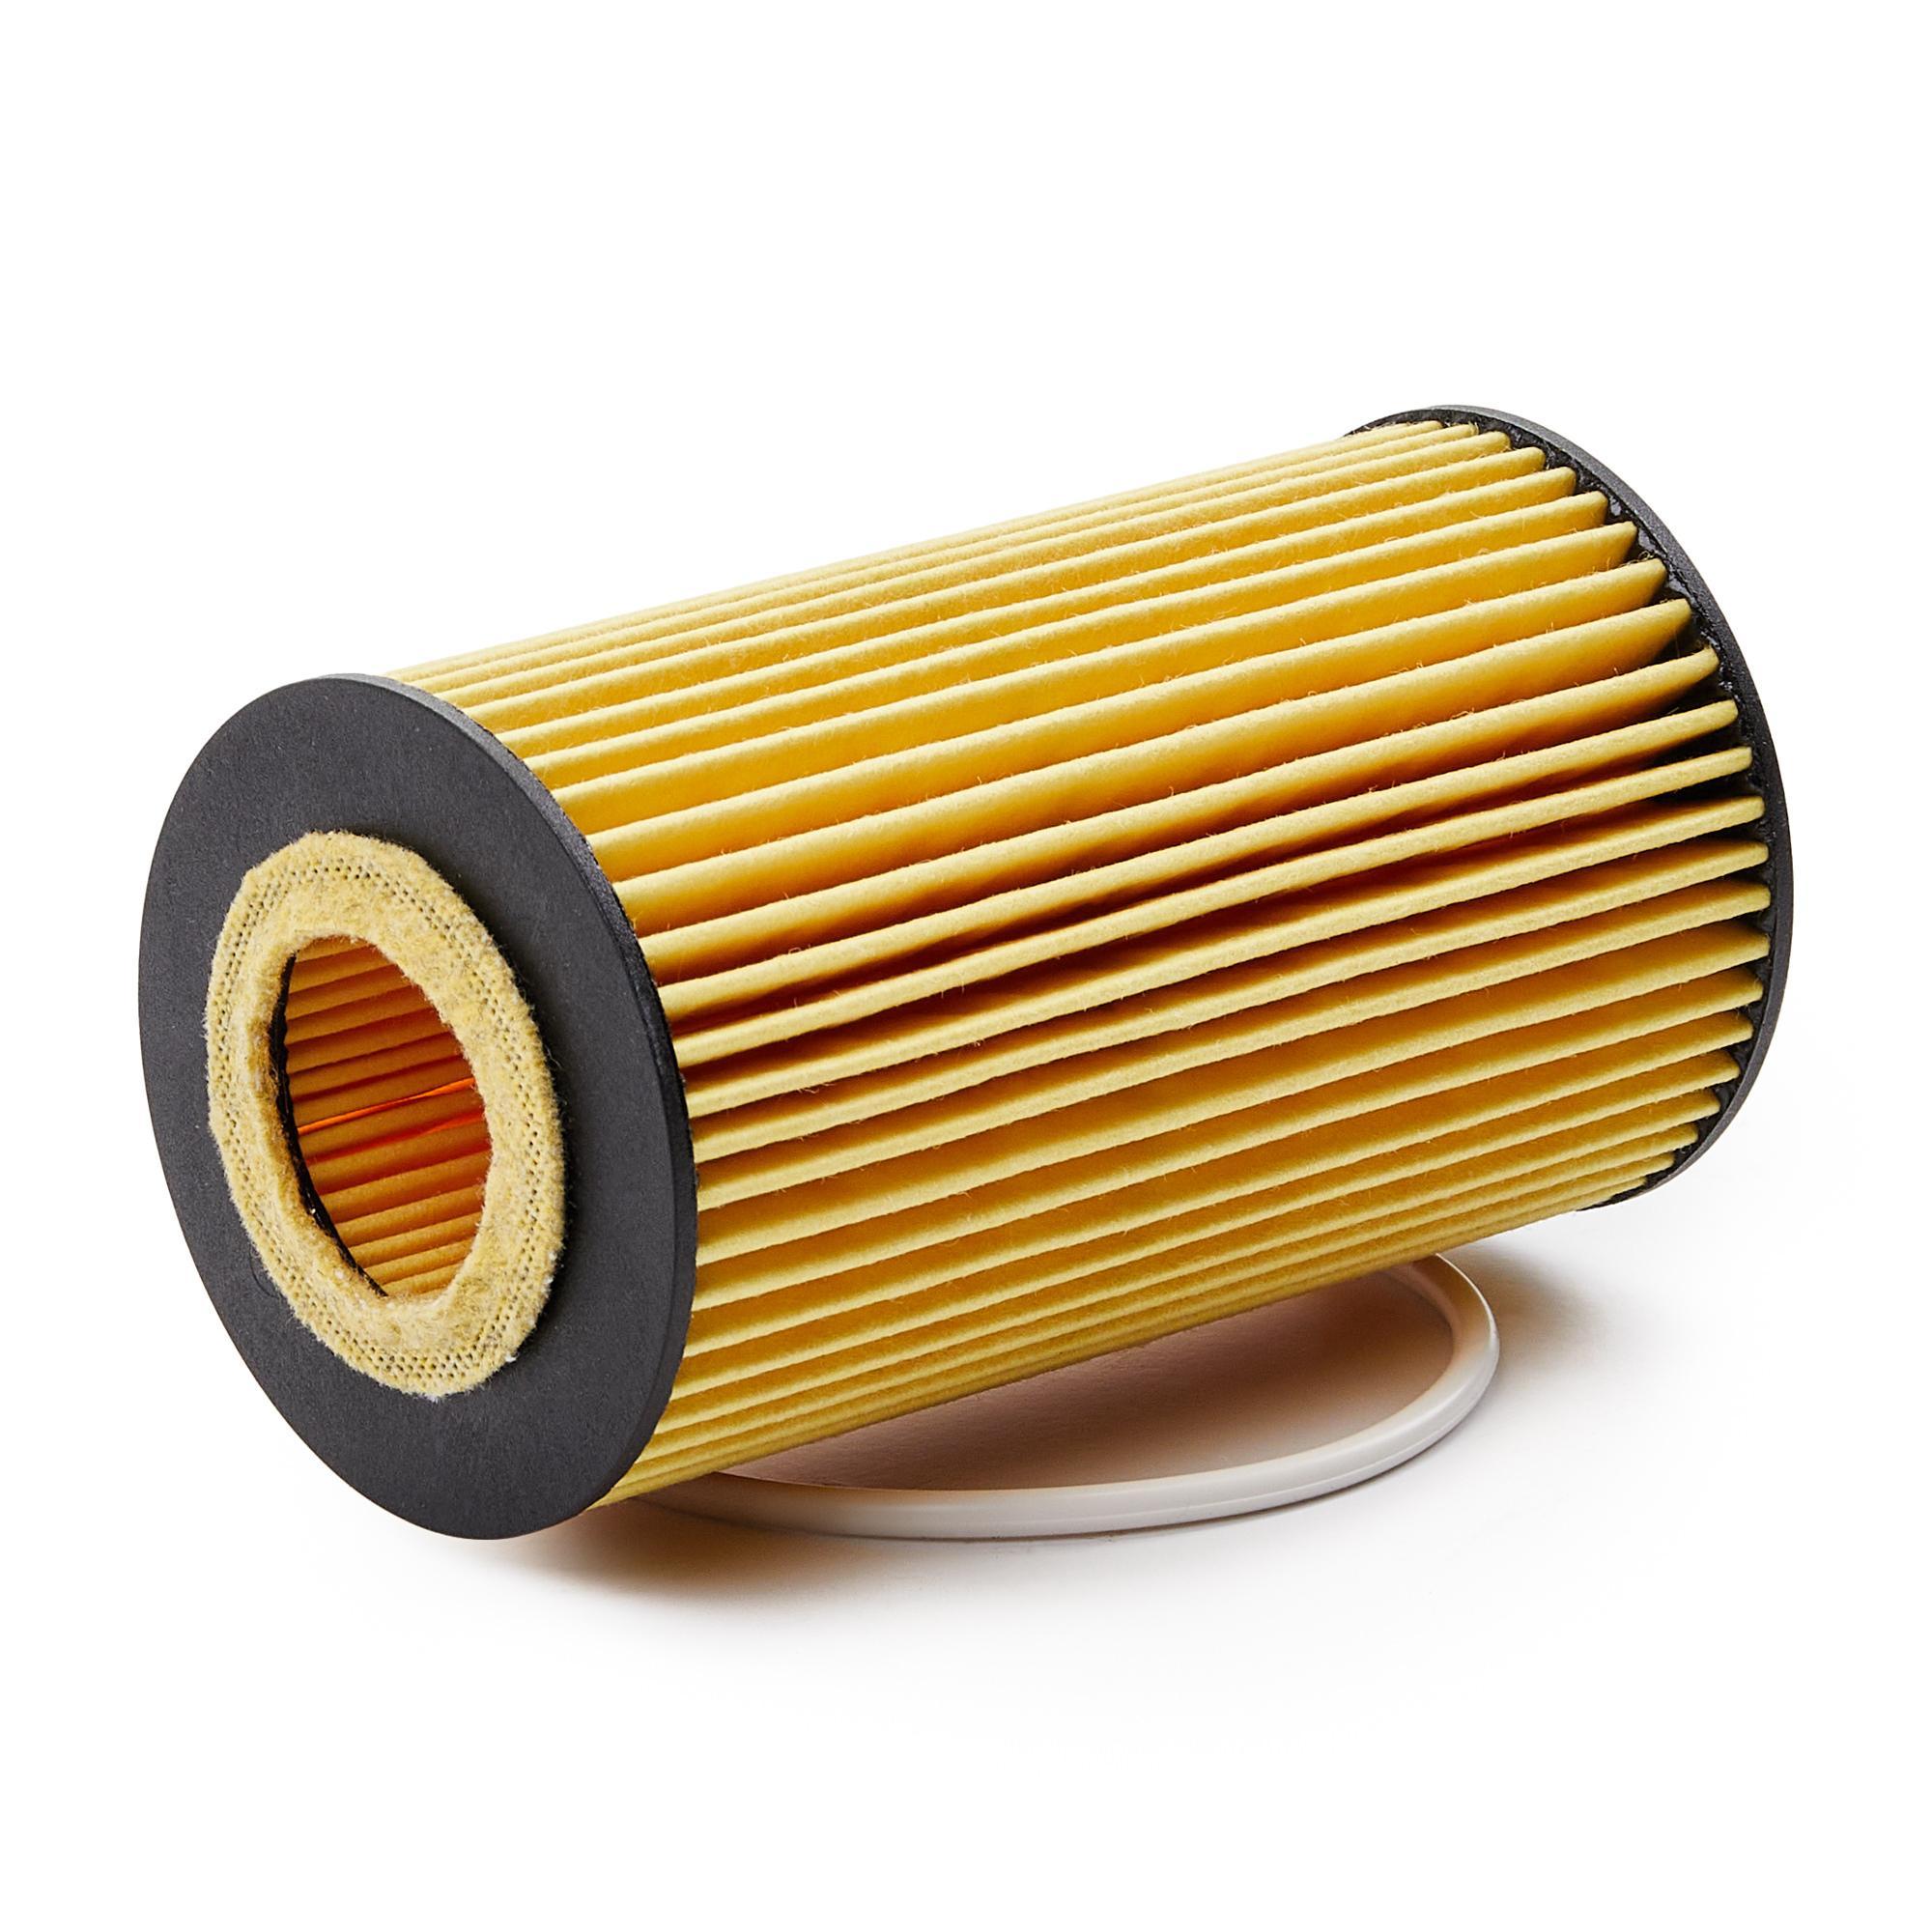 HENGST FILTER  E11H D204 Filtro de aceite Ø: 65mm, Diám. int. 2: 29mm, Diám. int. 2: 29mm, Altura: 117mm